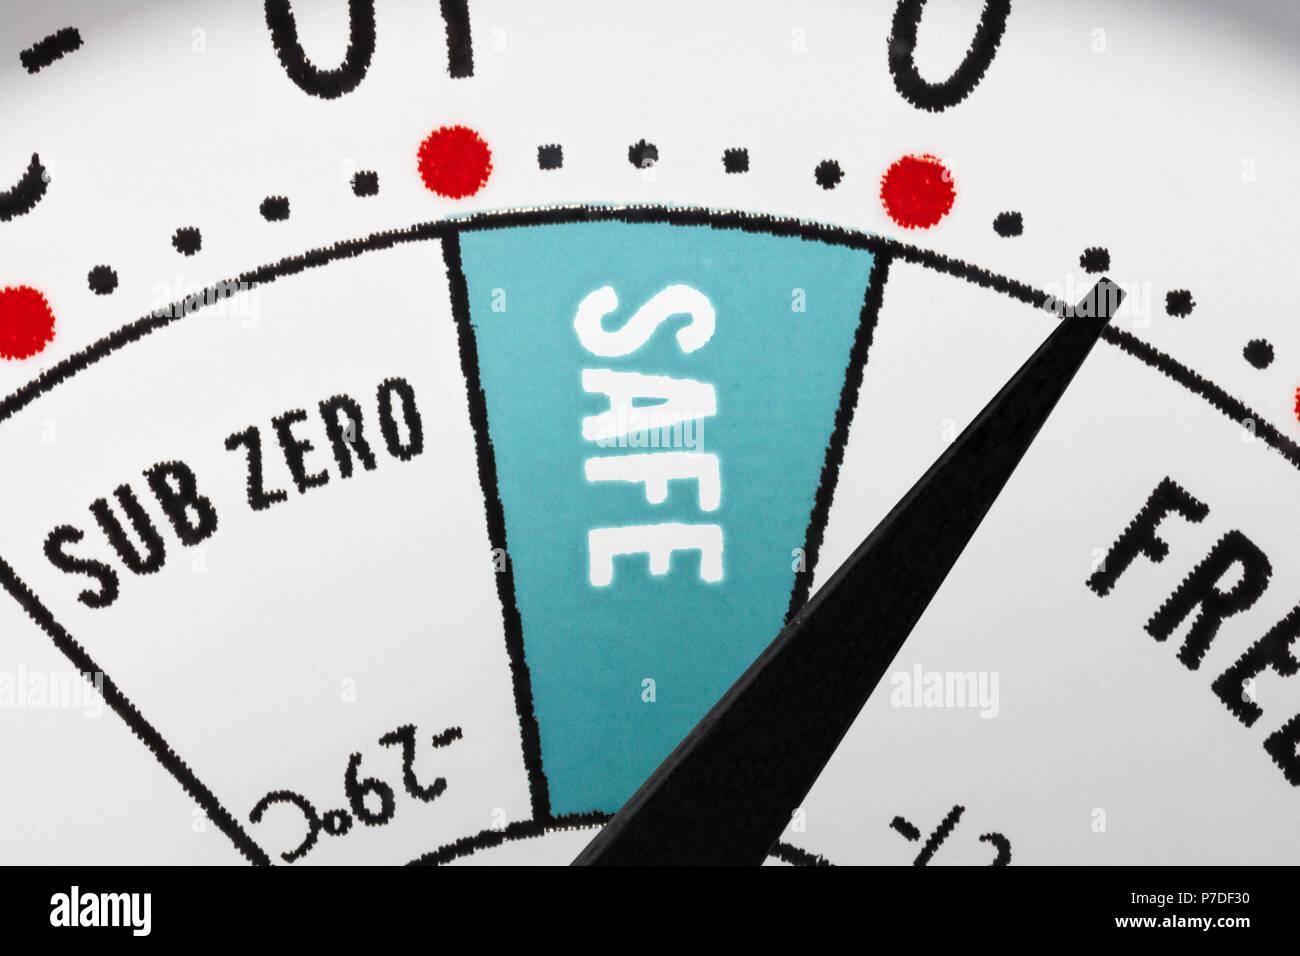 Kühlschrankthermometer : Kühlschrankthermometer sichere zone makro nahaufnahme detail